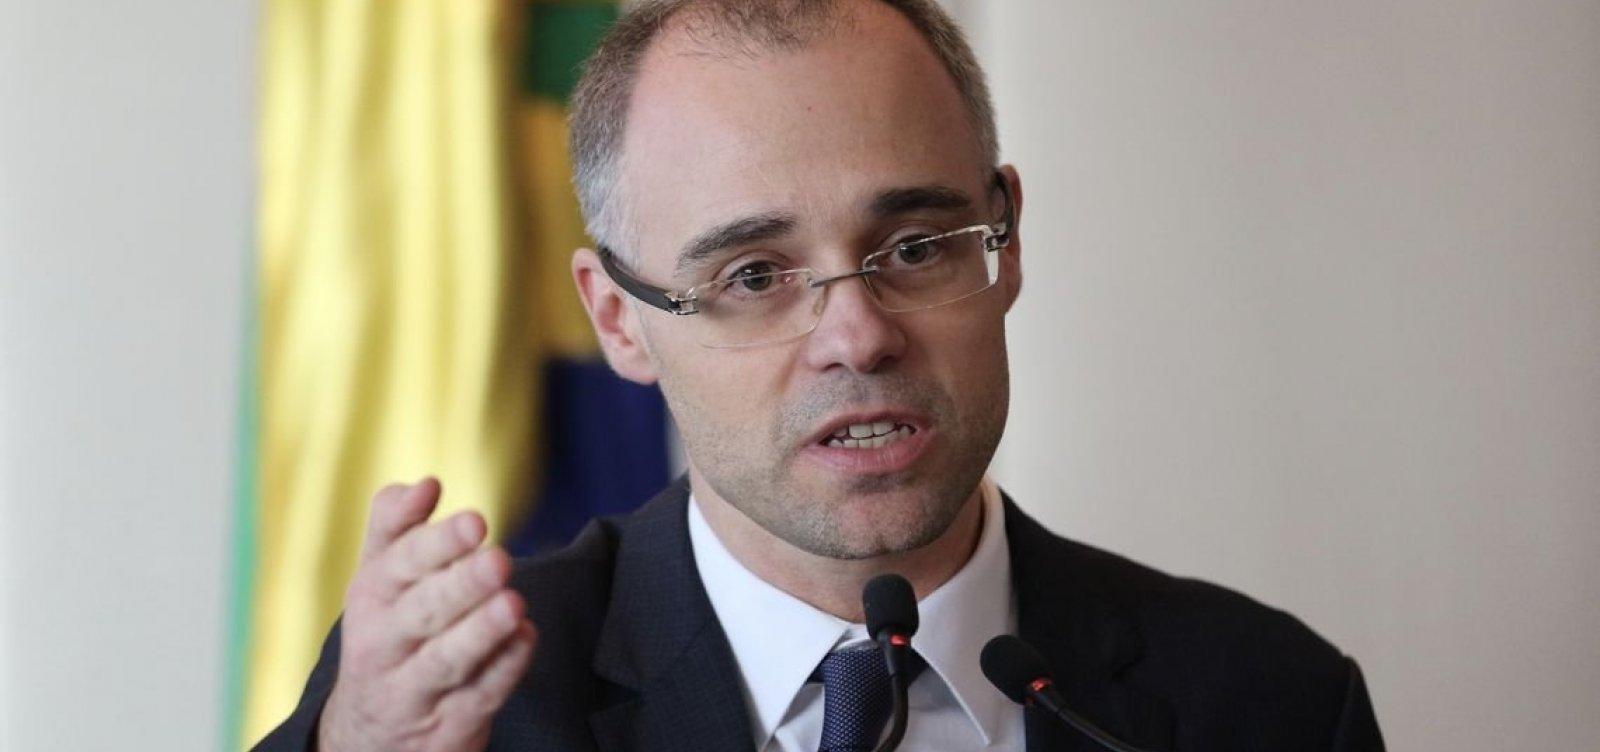 'Agora não é hora para criminalizar fake news', diz chefe da AGU